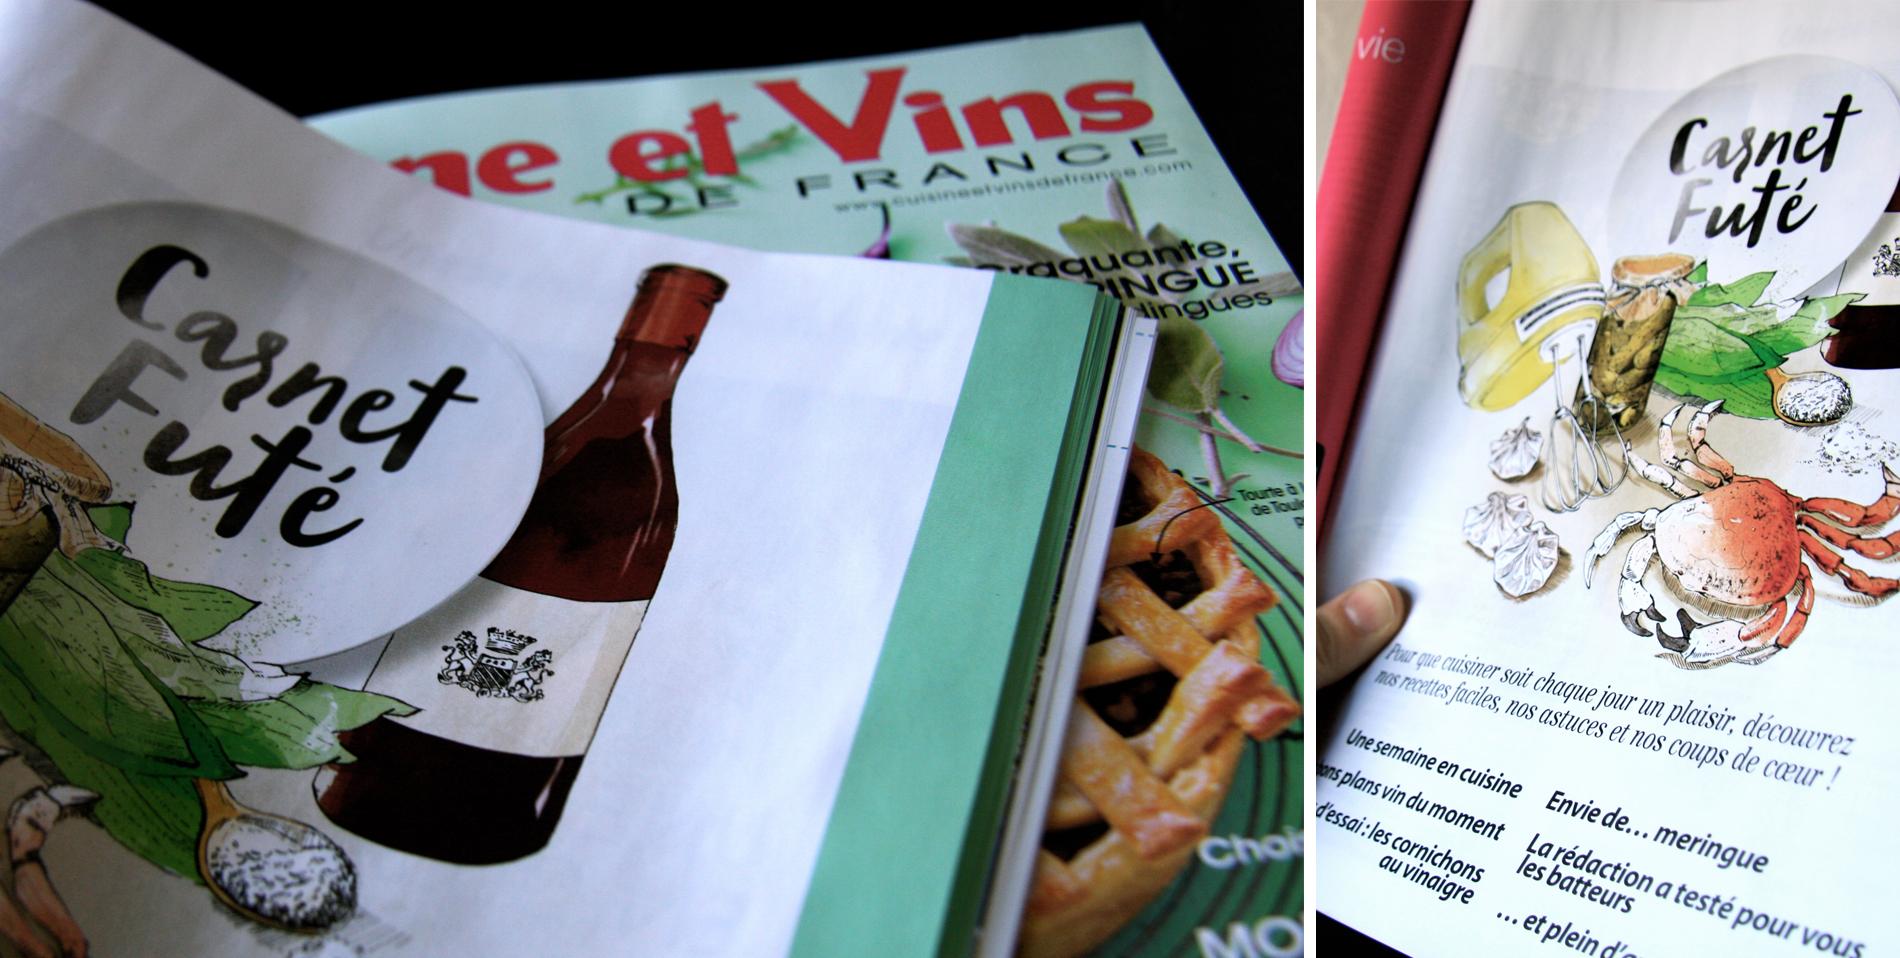 Cuisine et vins de france avril mai 2017 marie dewitte for Abonnement cuisine et vins de france